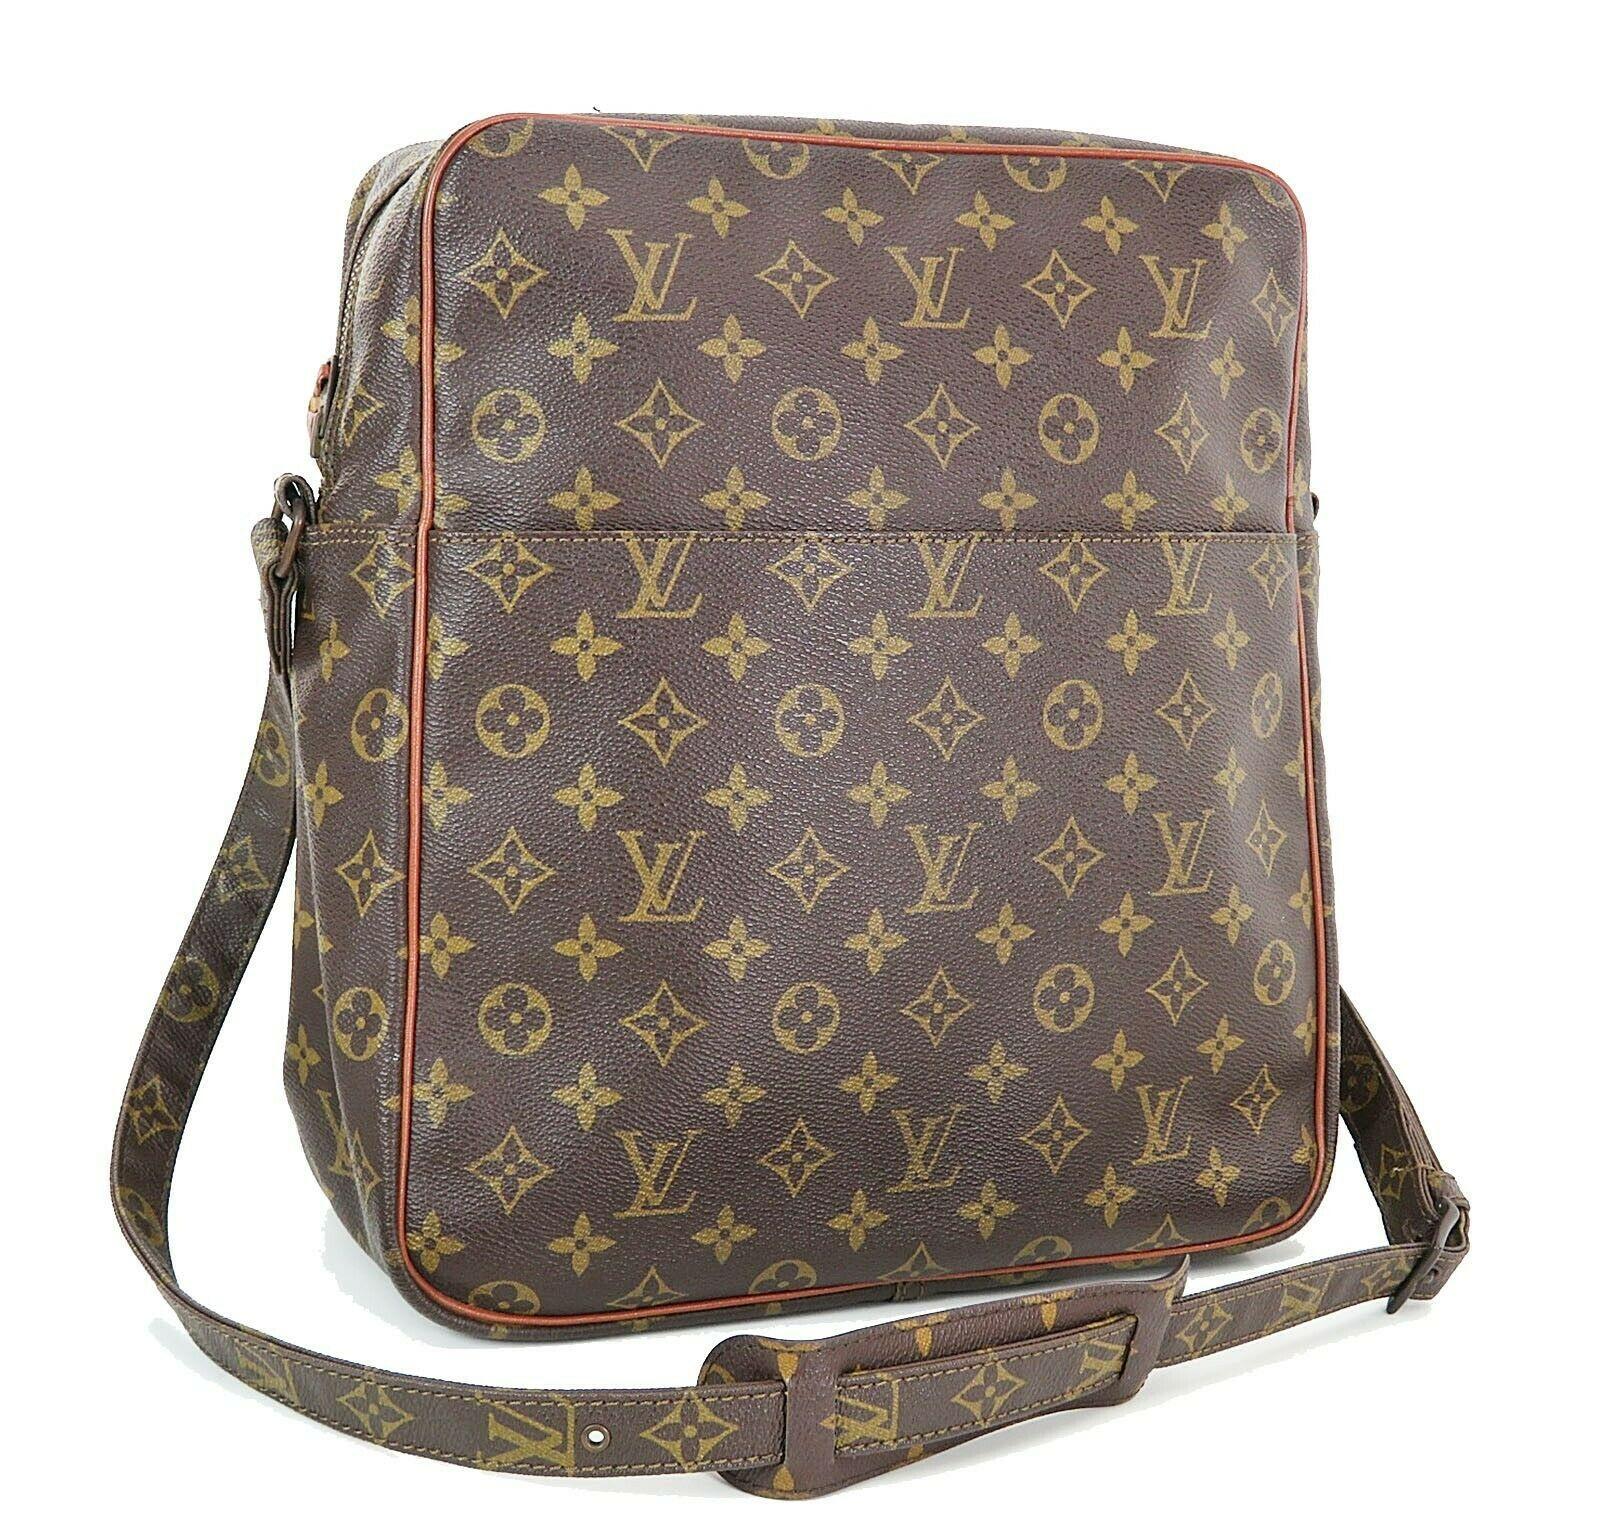 Auth VTG LOUIS VUITTON Marceau Monogram Messenger Shoulder Bag #34998 image 3